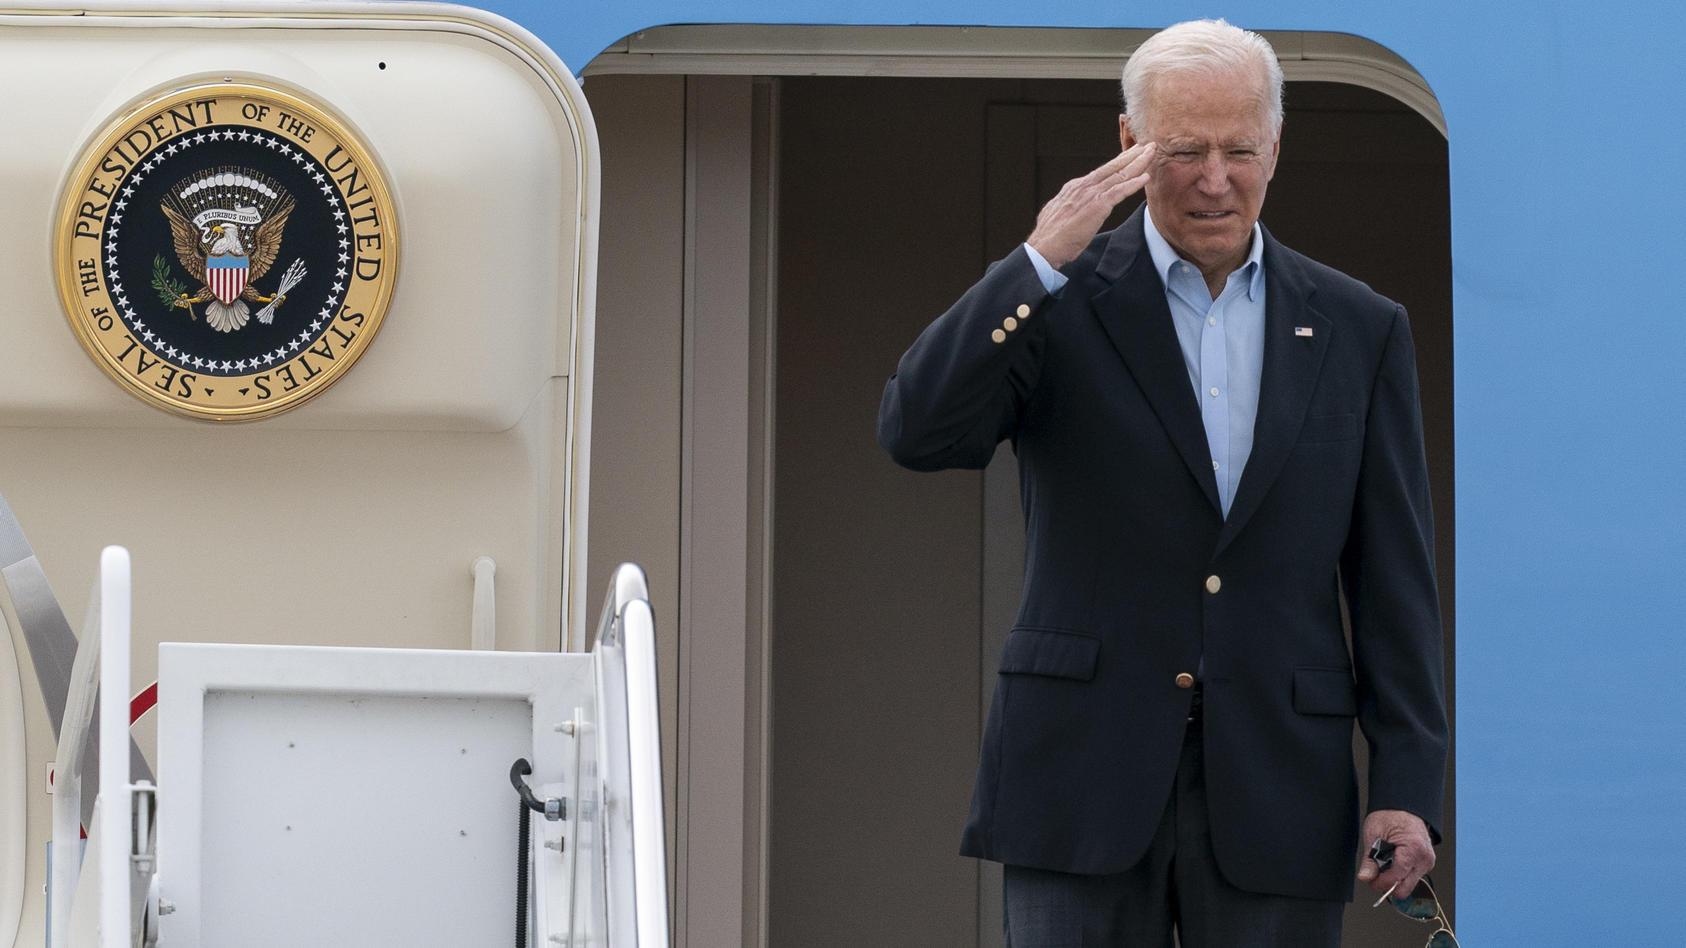 Die Air Force One bringt Joe Biden nach Europa - es ist die erste Auslandreise des US-Präsidenten.